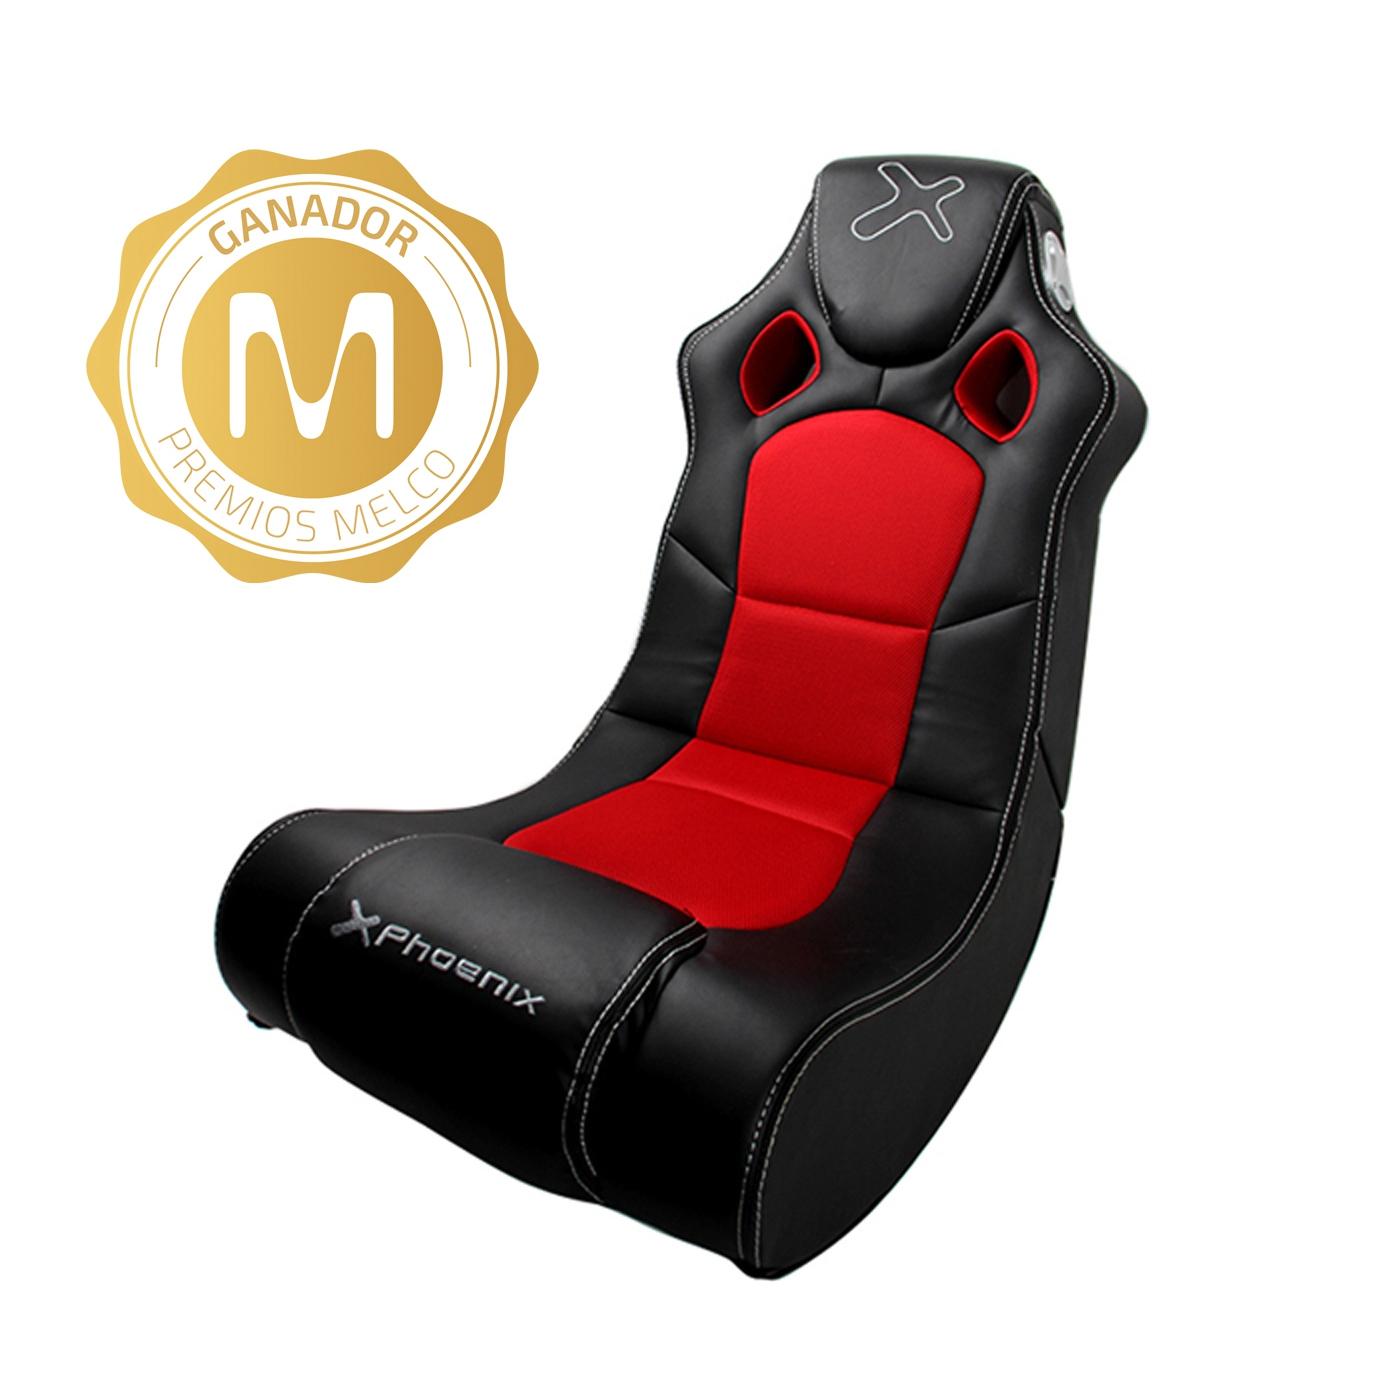 Sillon sofa phoenix gaming racer negro solicitud de for Precio de silla gamer